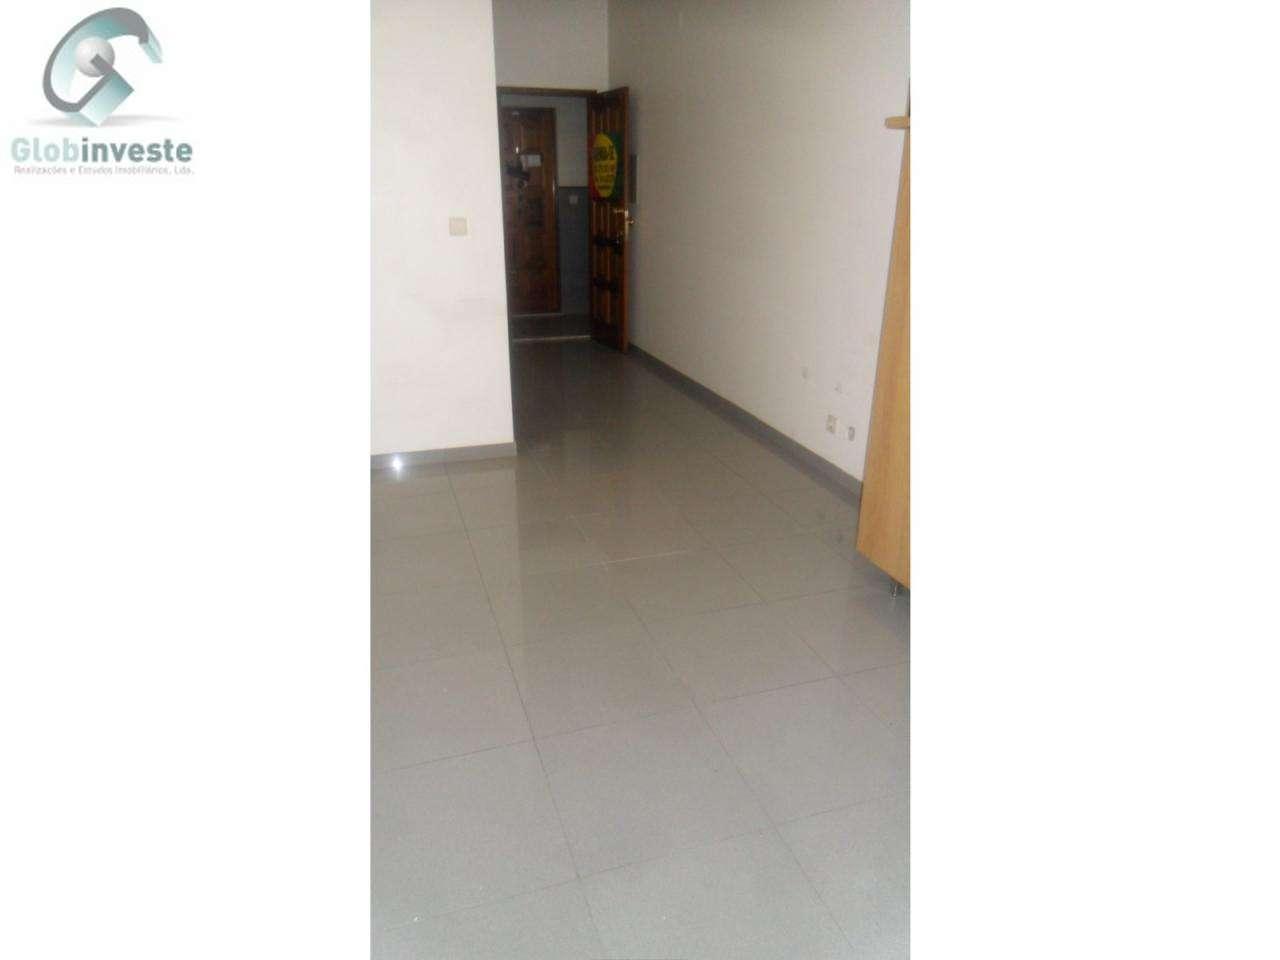 Escritório para arrendar, Espinhosela, Bragança - Foto 4